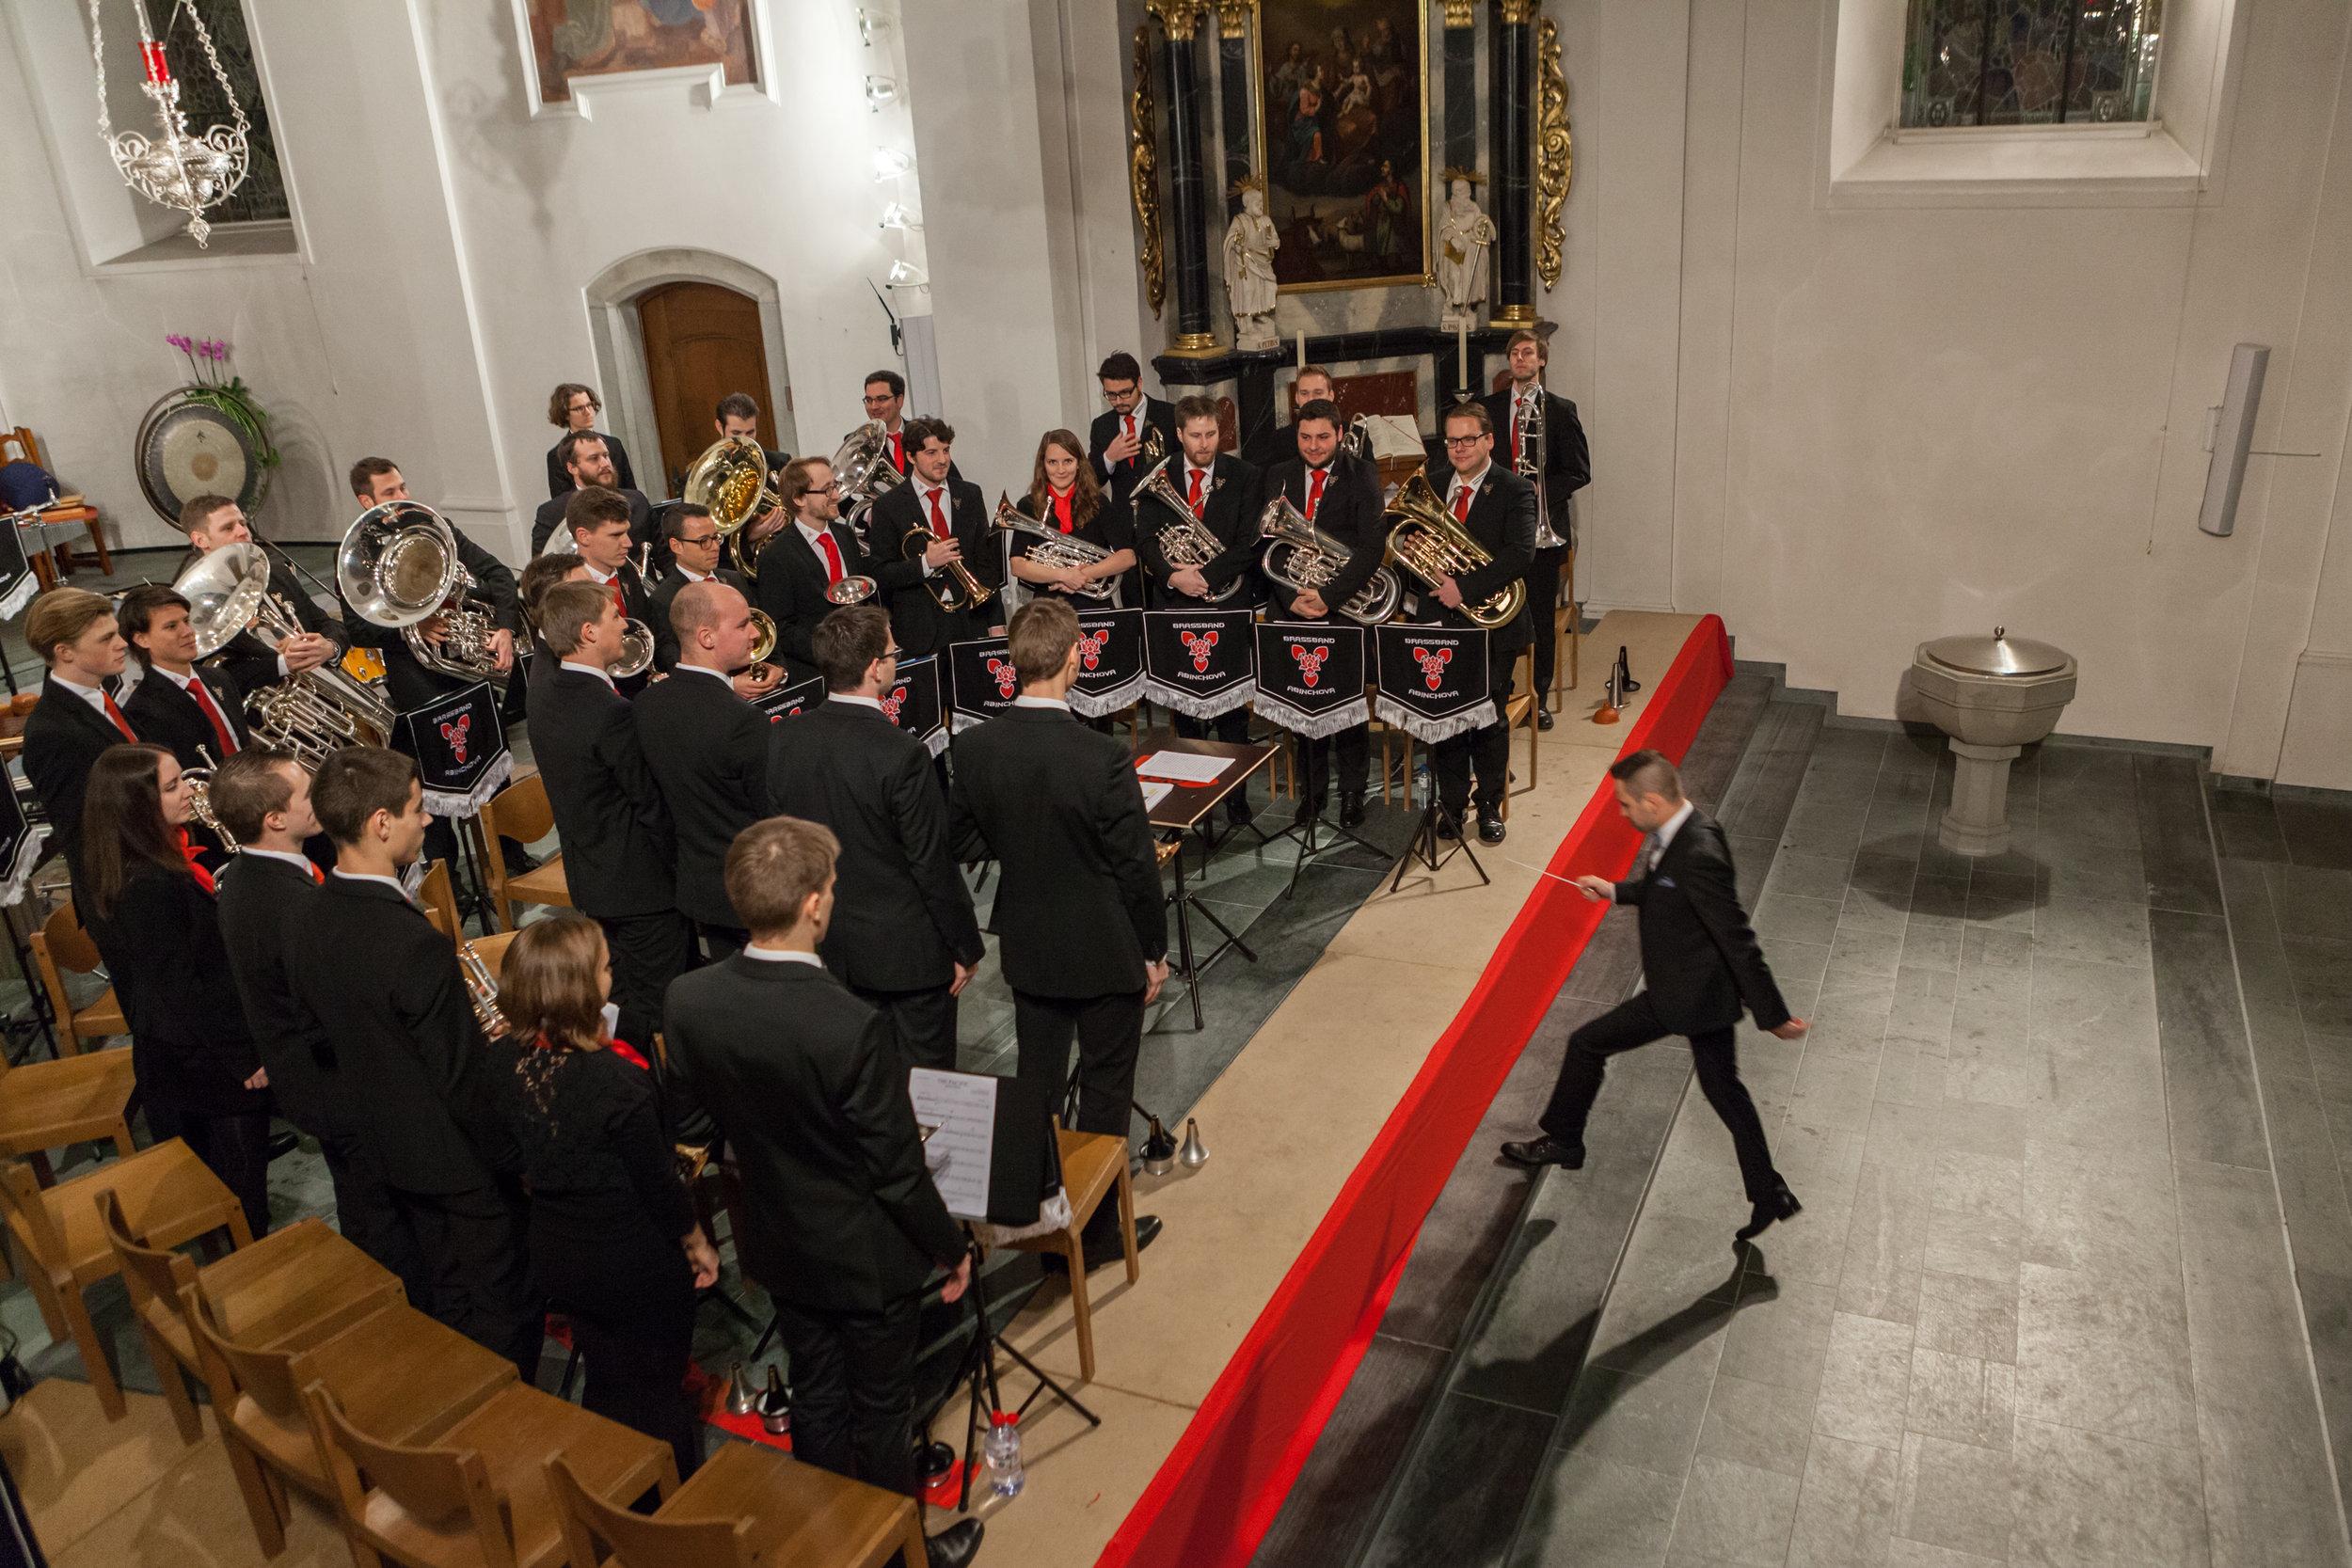 20161210_Gaudette_Konzert_Brassband_Abinchova_1.jpg